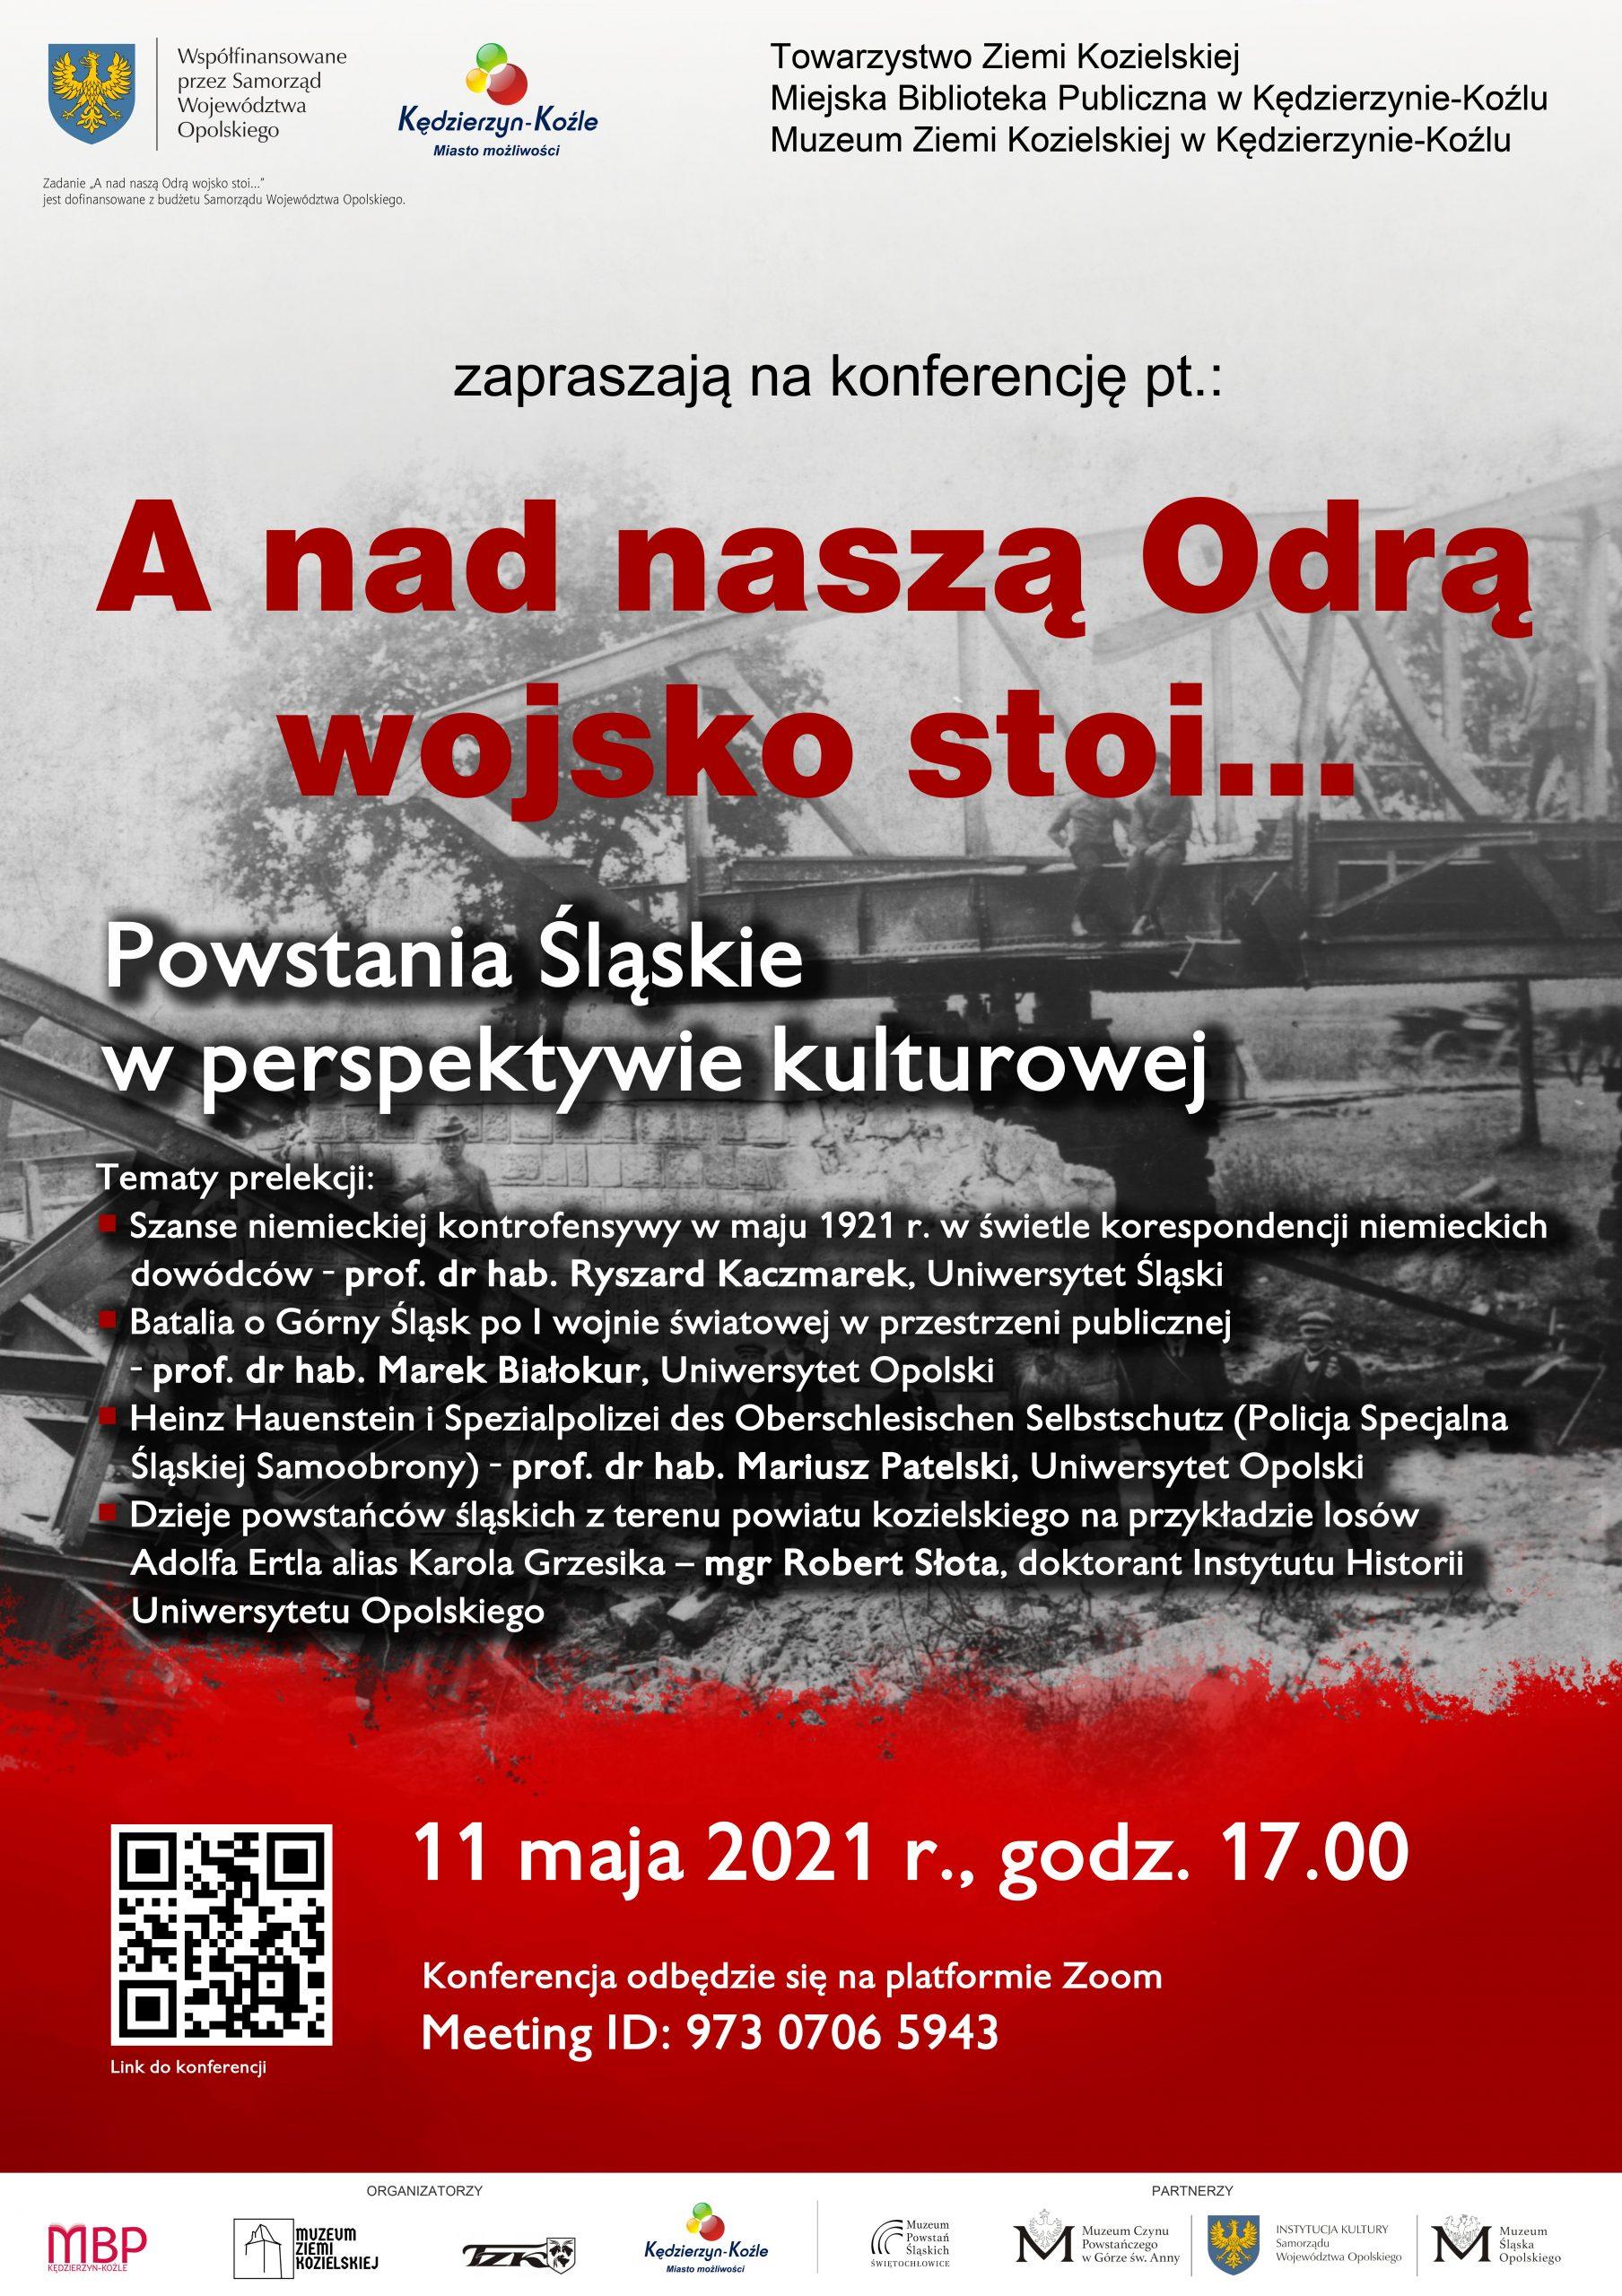 A nad naszą Odrą wojsko stoi..: Powstania Śląskie w perspektywie kulturowej